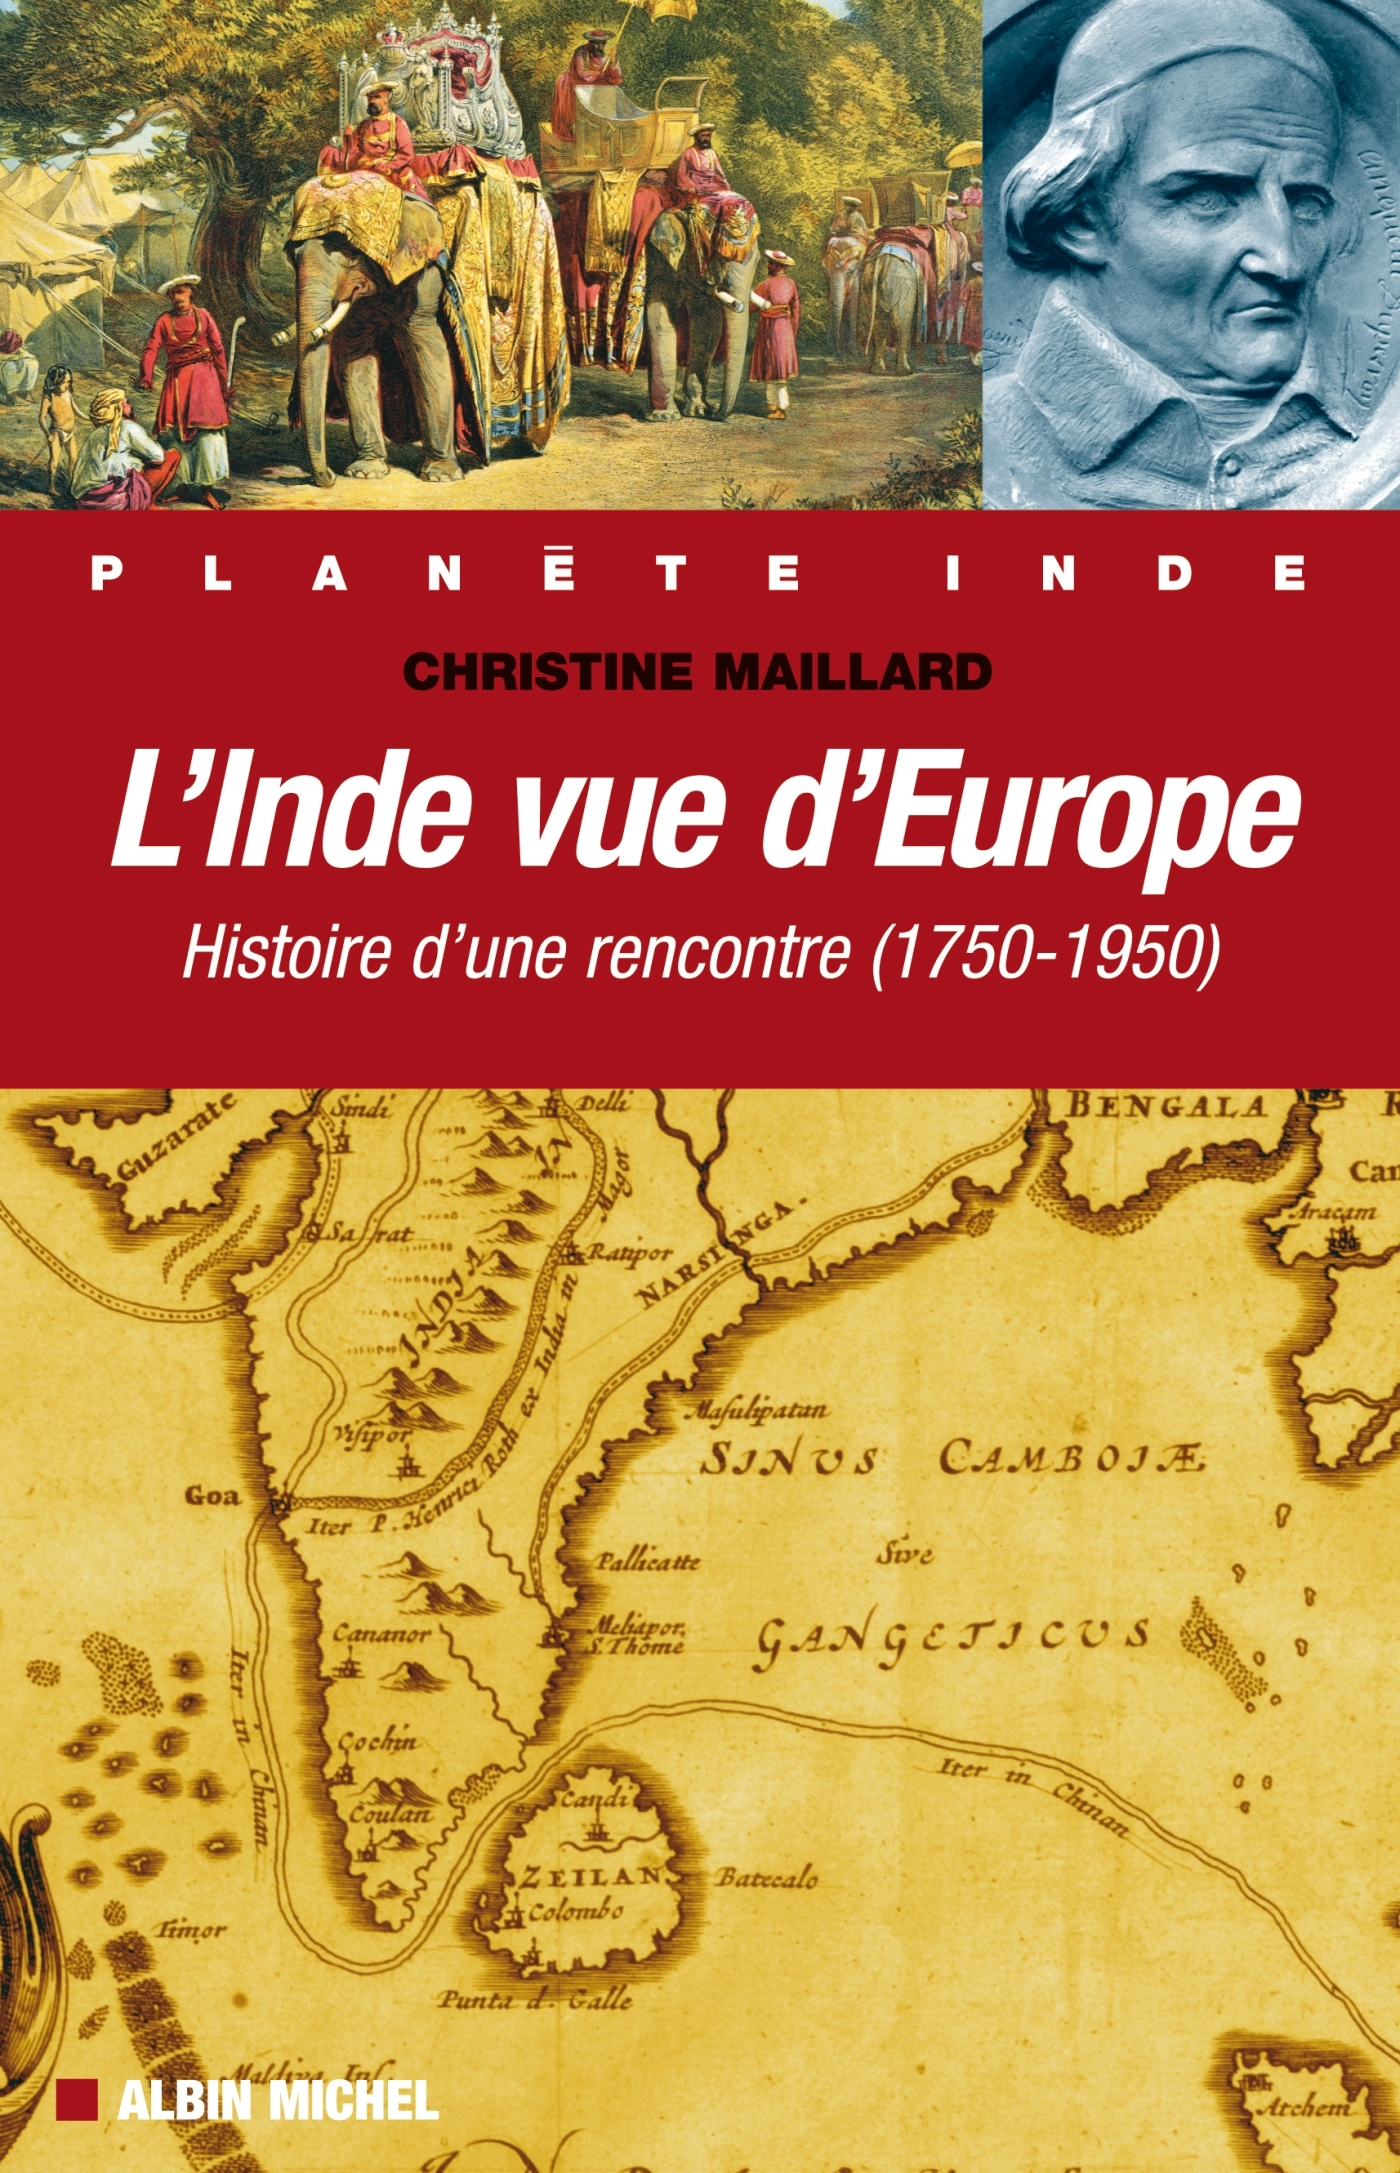 L INDE VUE DE L'EUROPE- HISTOIRE D'UNE RENCONTRE (1750-1950)